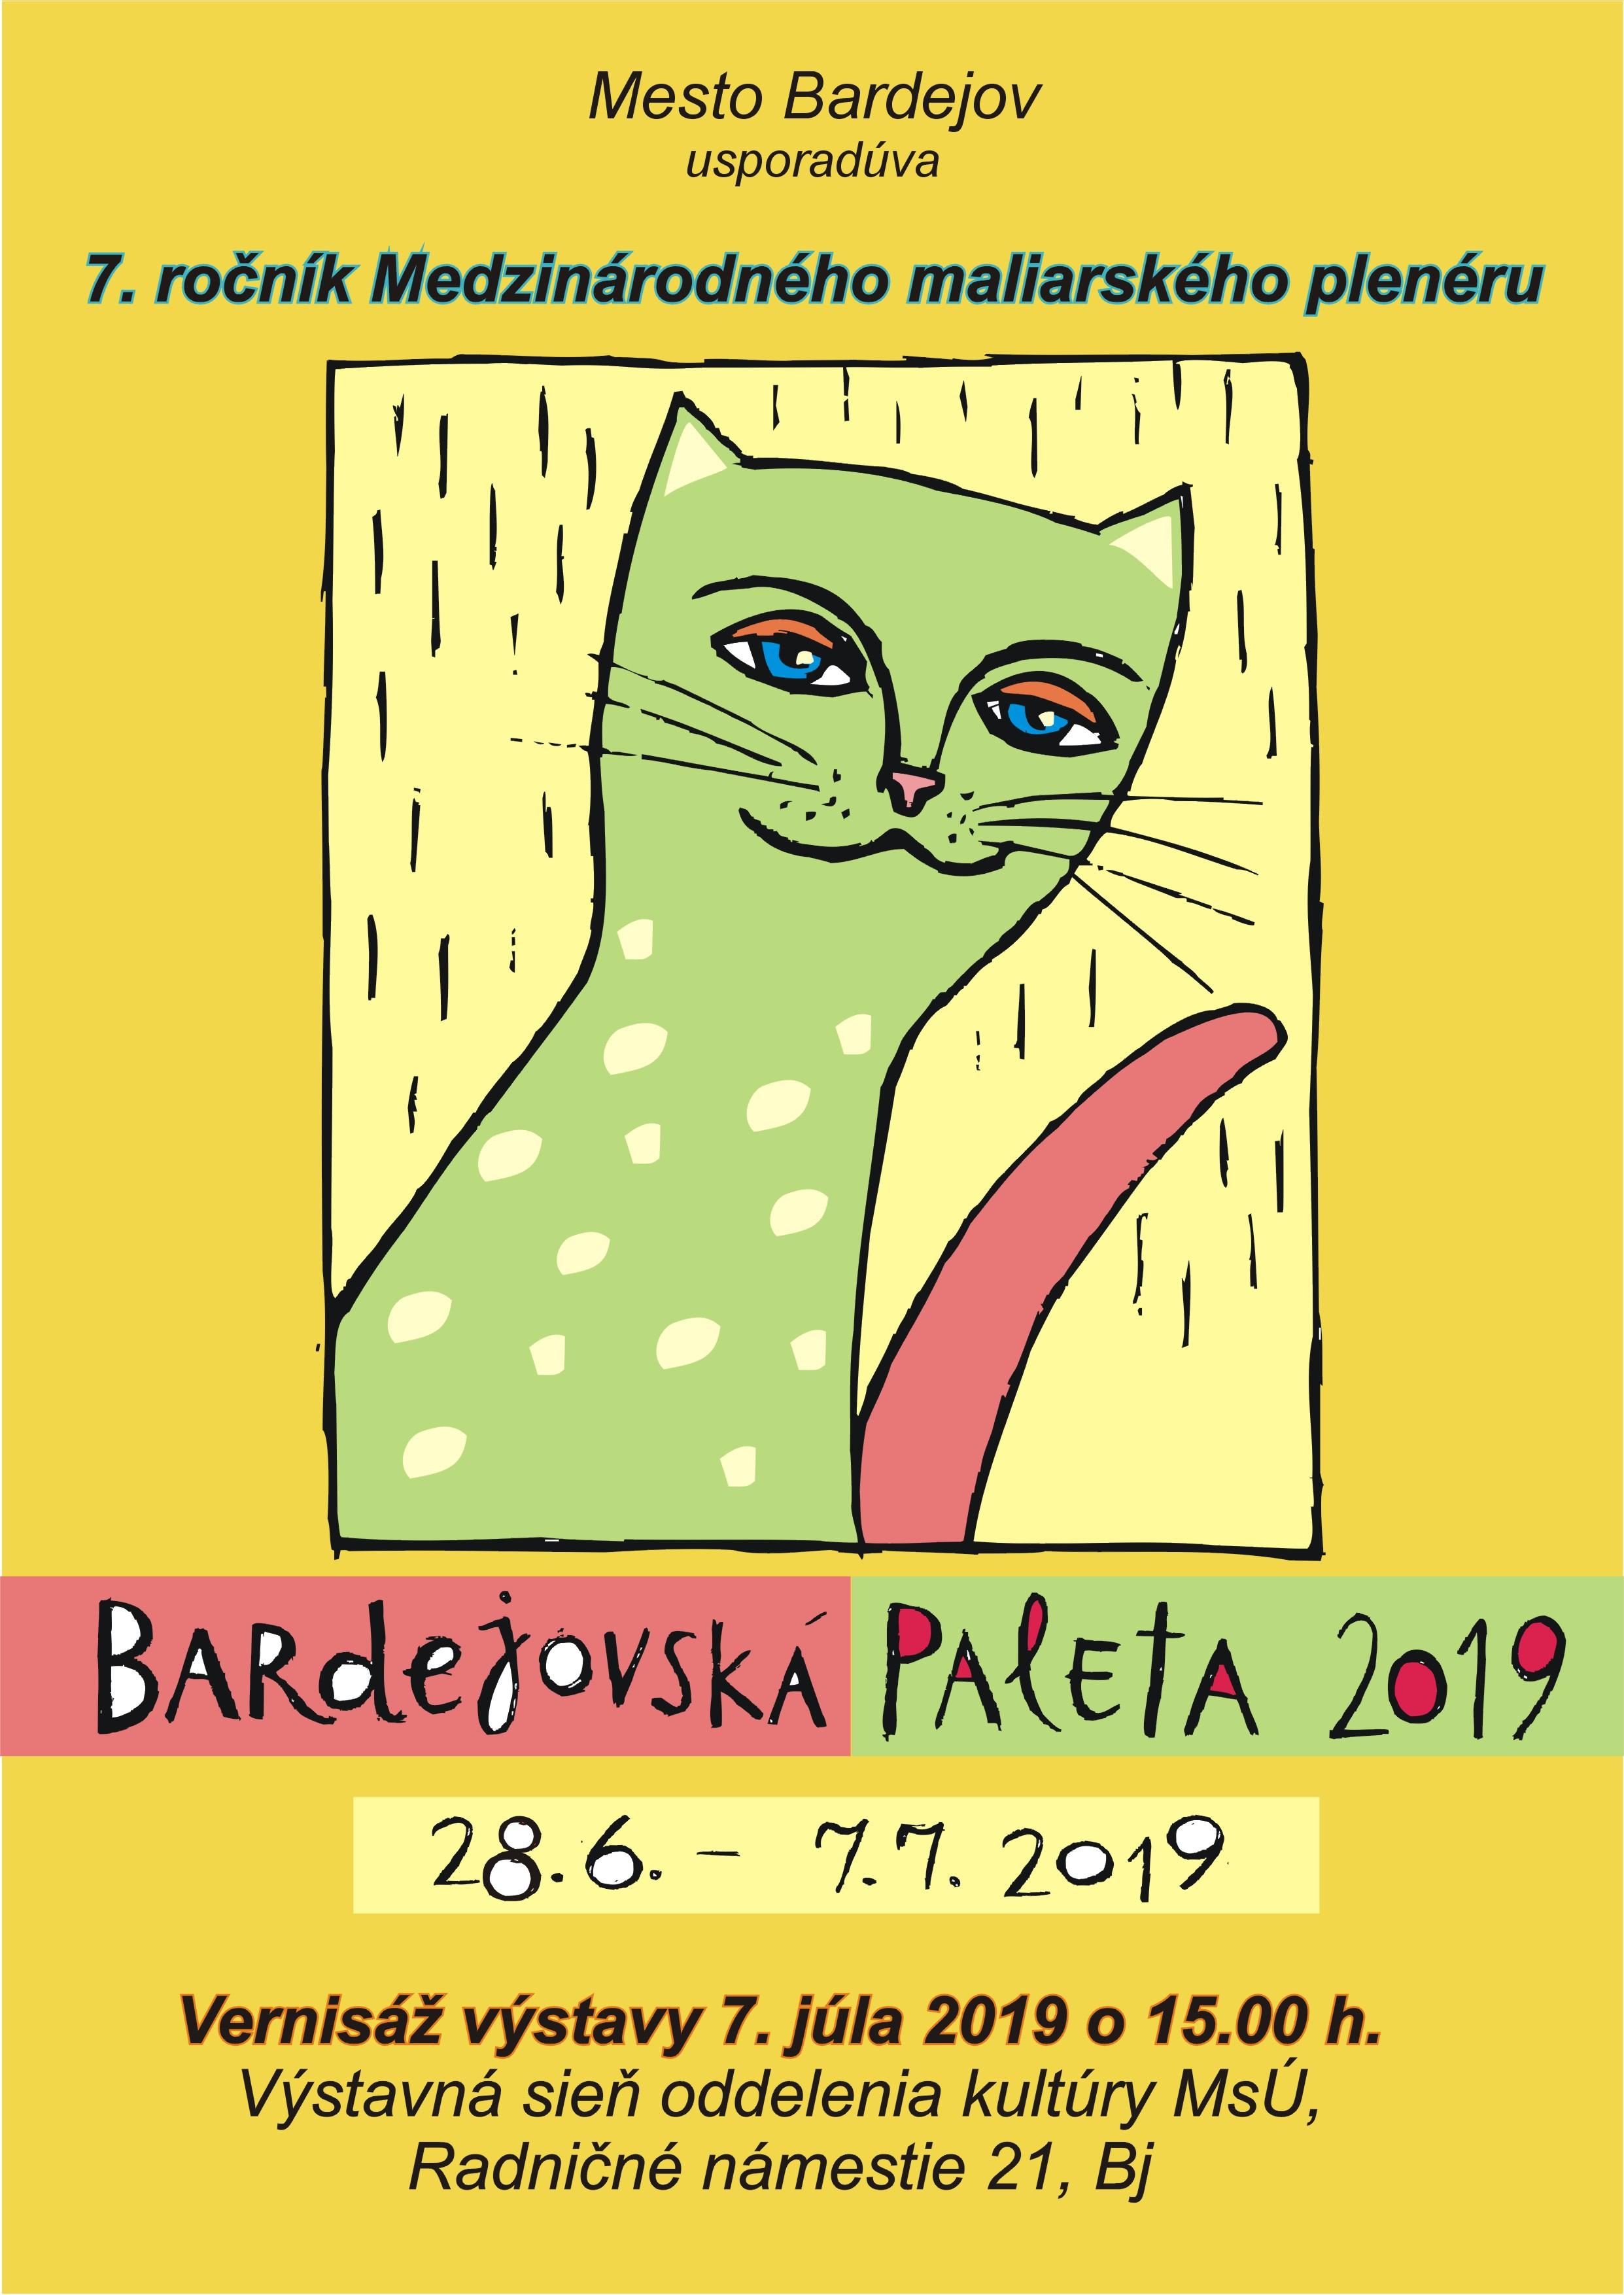 Bardejovská paleta 2019